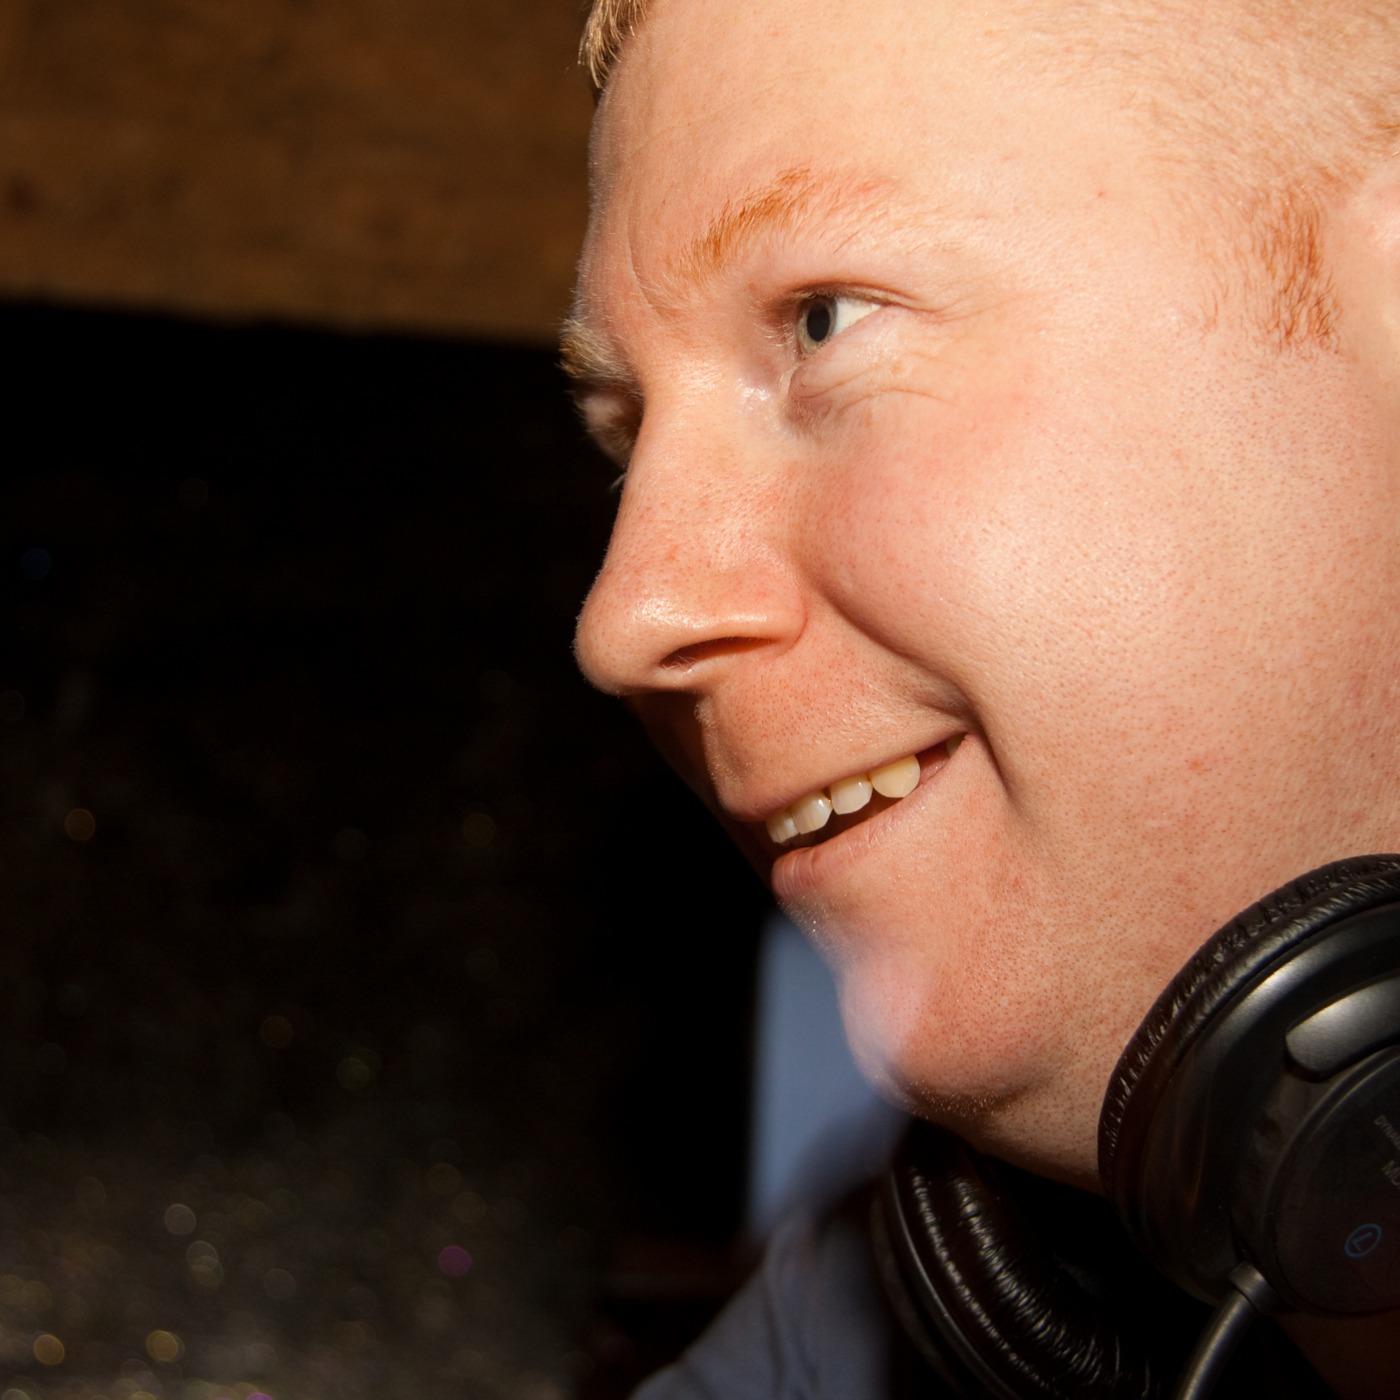 17 07 19 DJ ROSS MILLER LIVE ON FUNKY SX 10307FM WWW